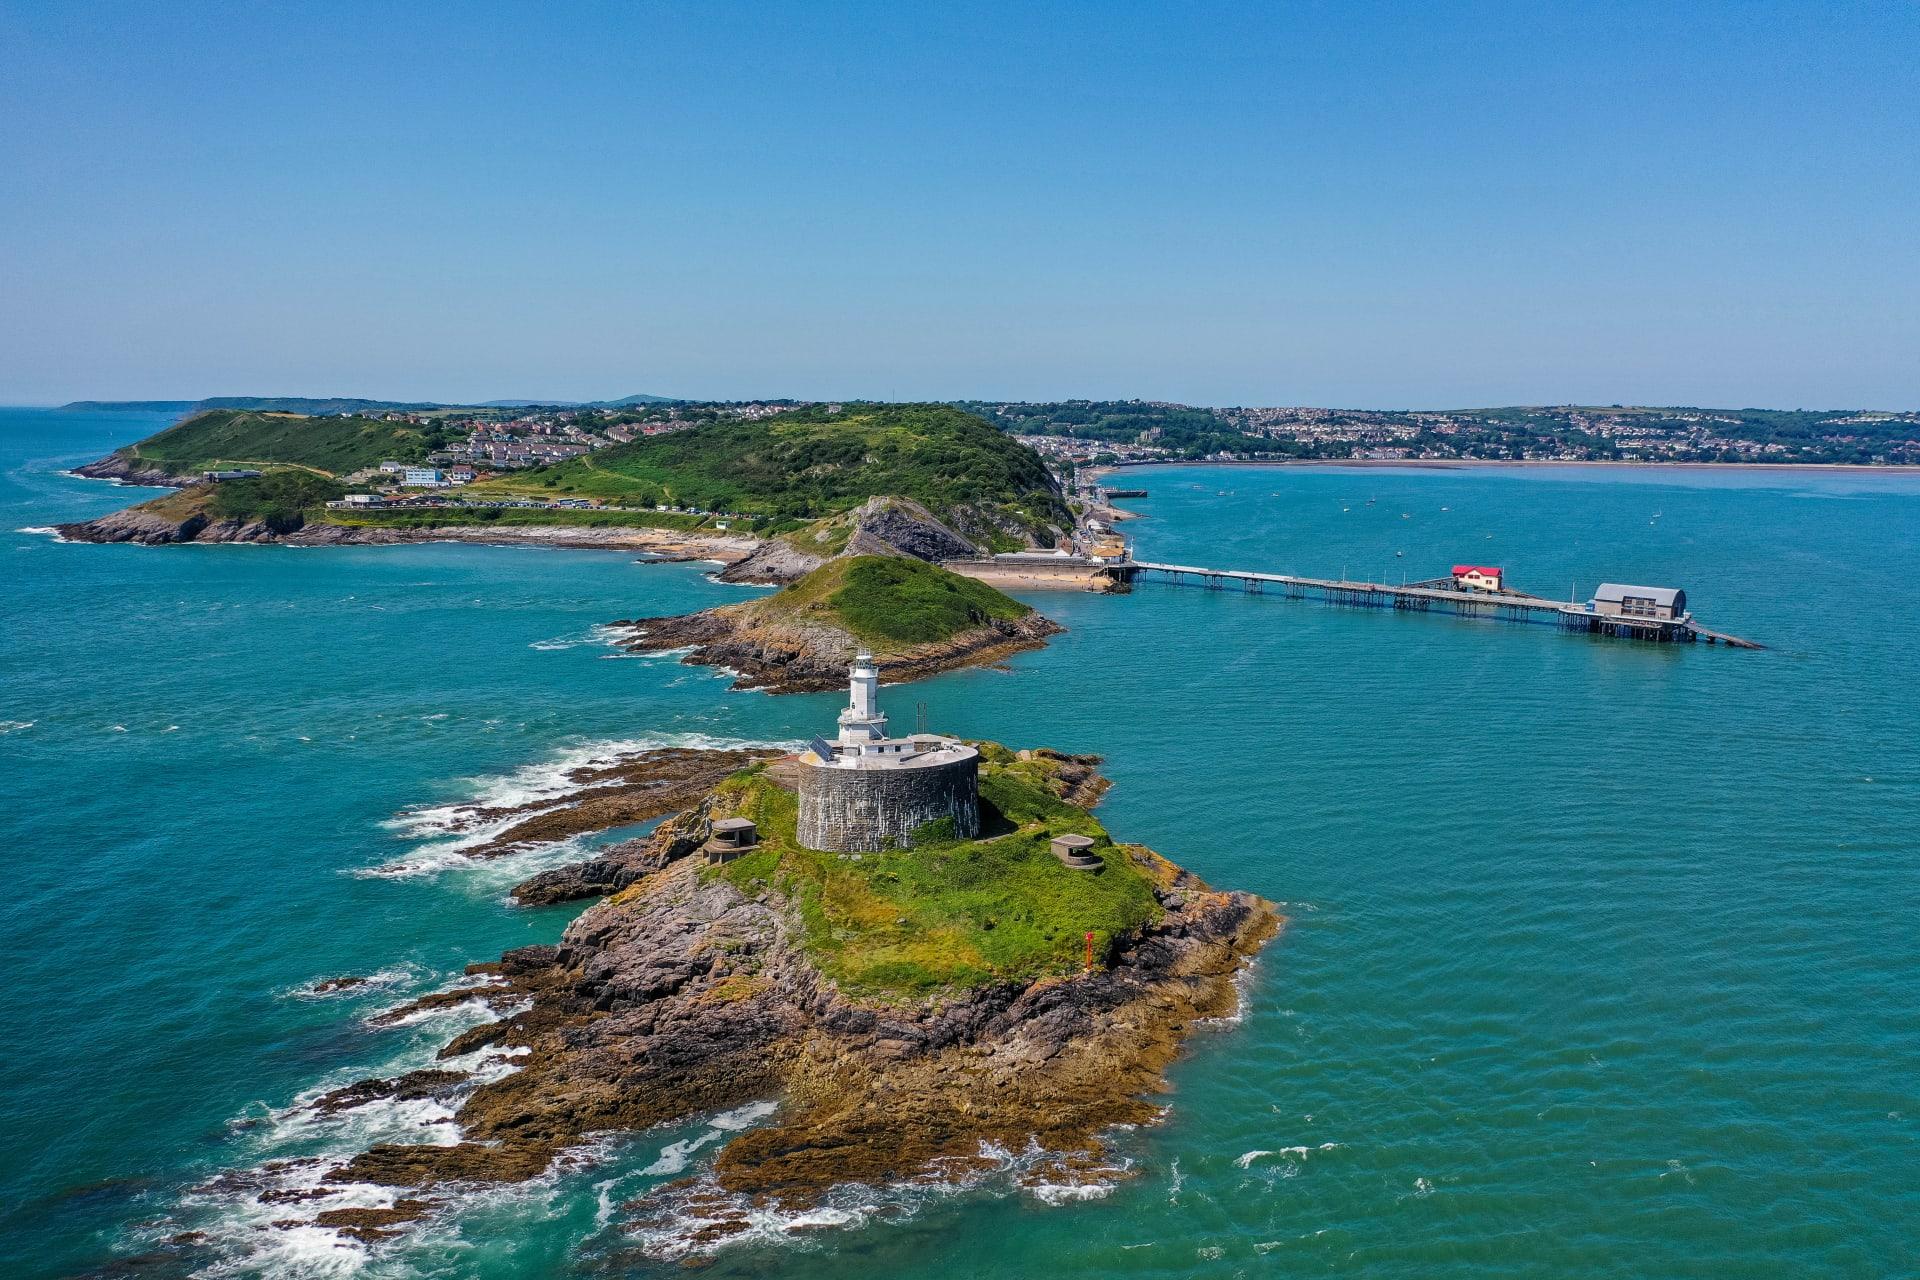 Wales - A Stroll Through Mumbles - A Hidden Gem of Wales